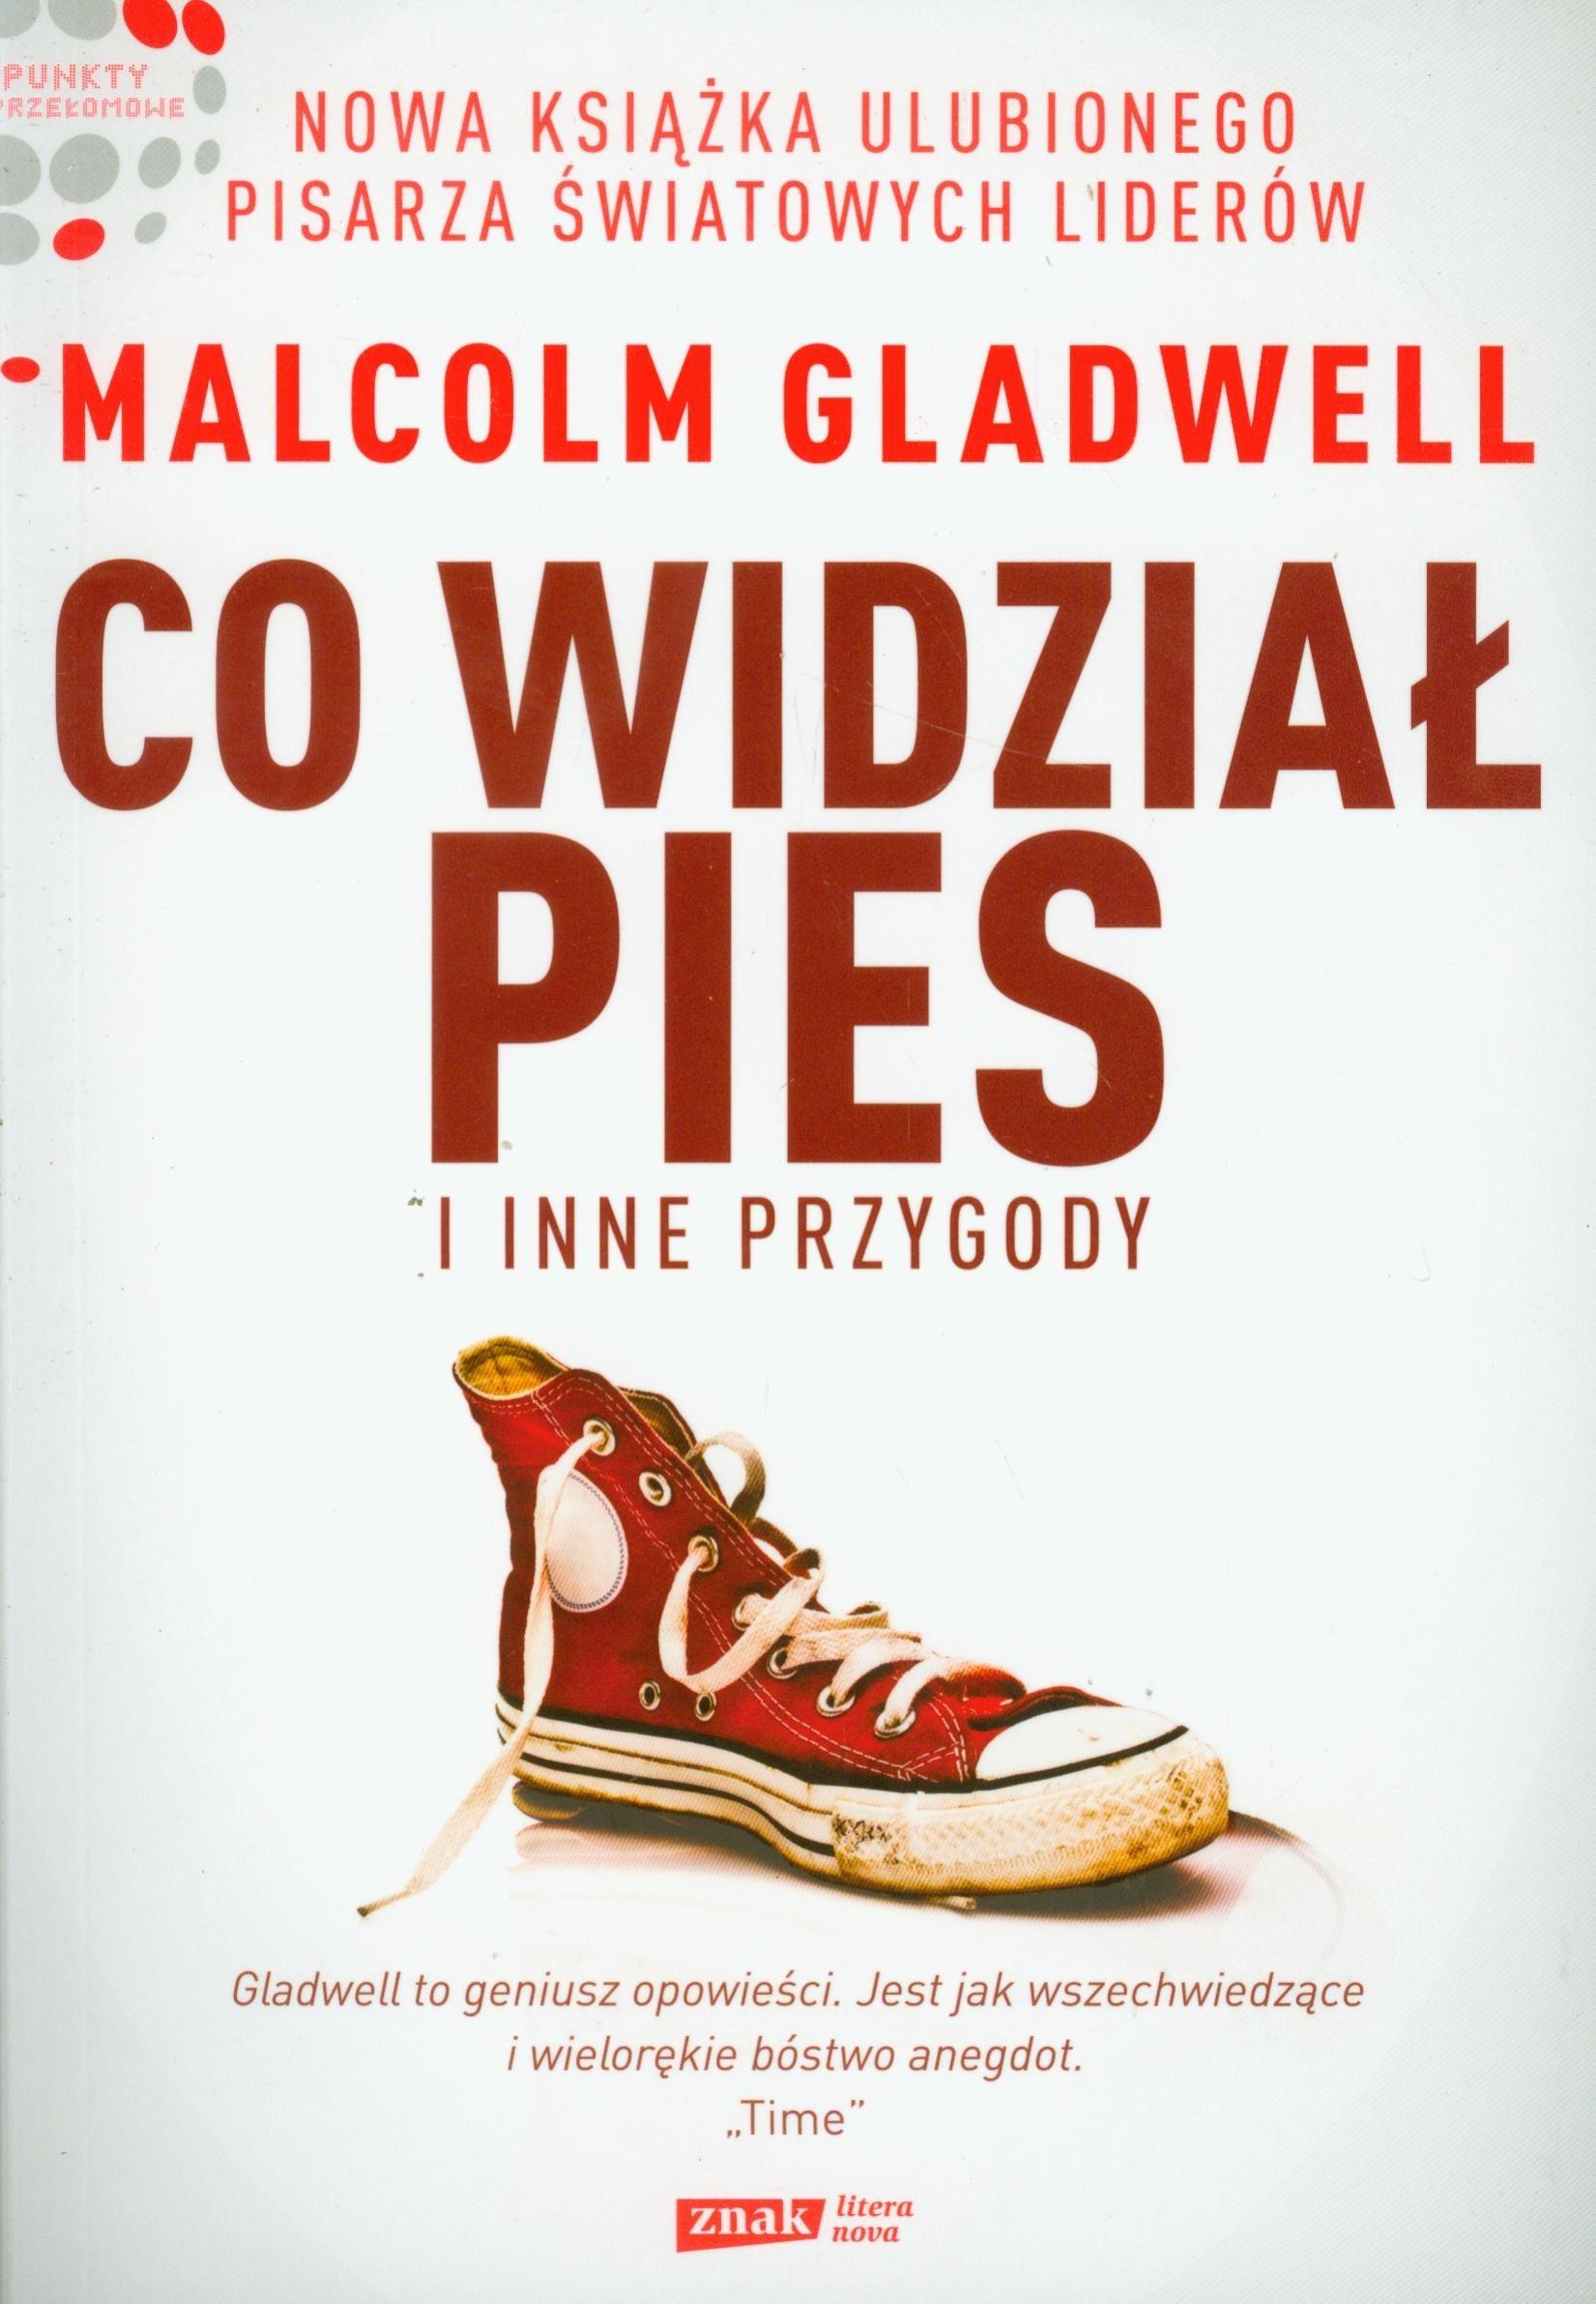 Co widzial pies i inne przygody (polish) (Polish) Paperback